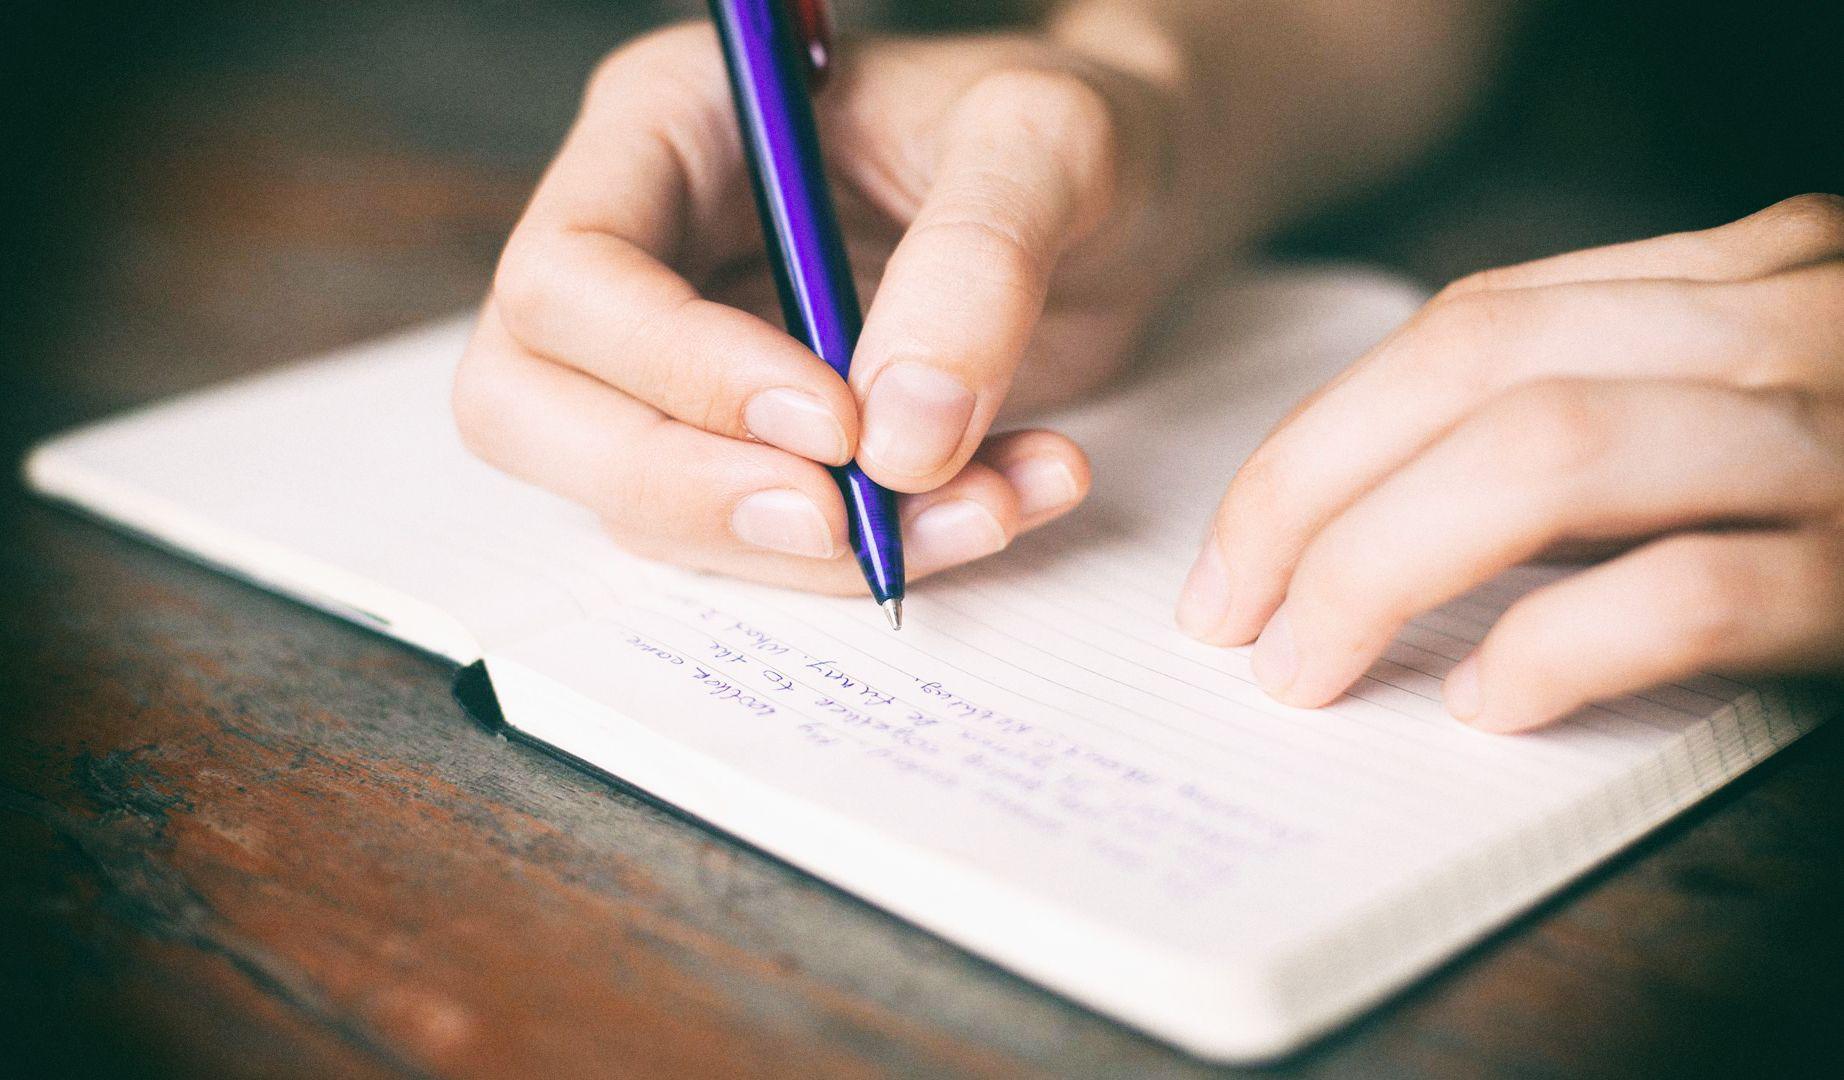 Искусственный интеллект Facebook может имитировать чужой почерк